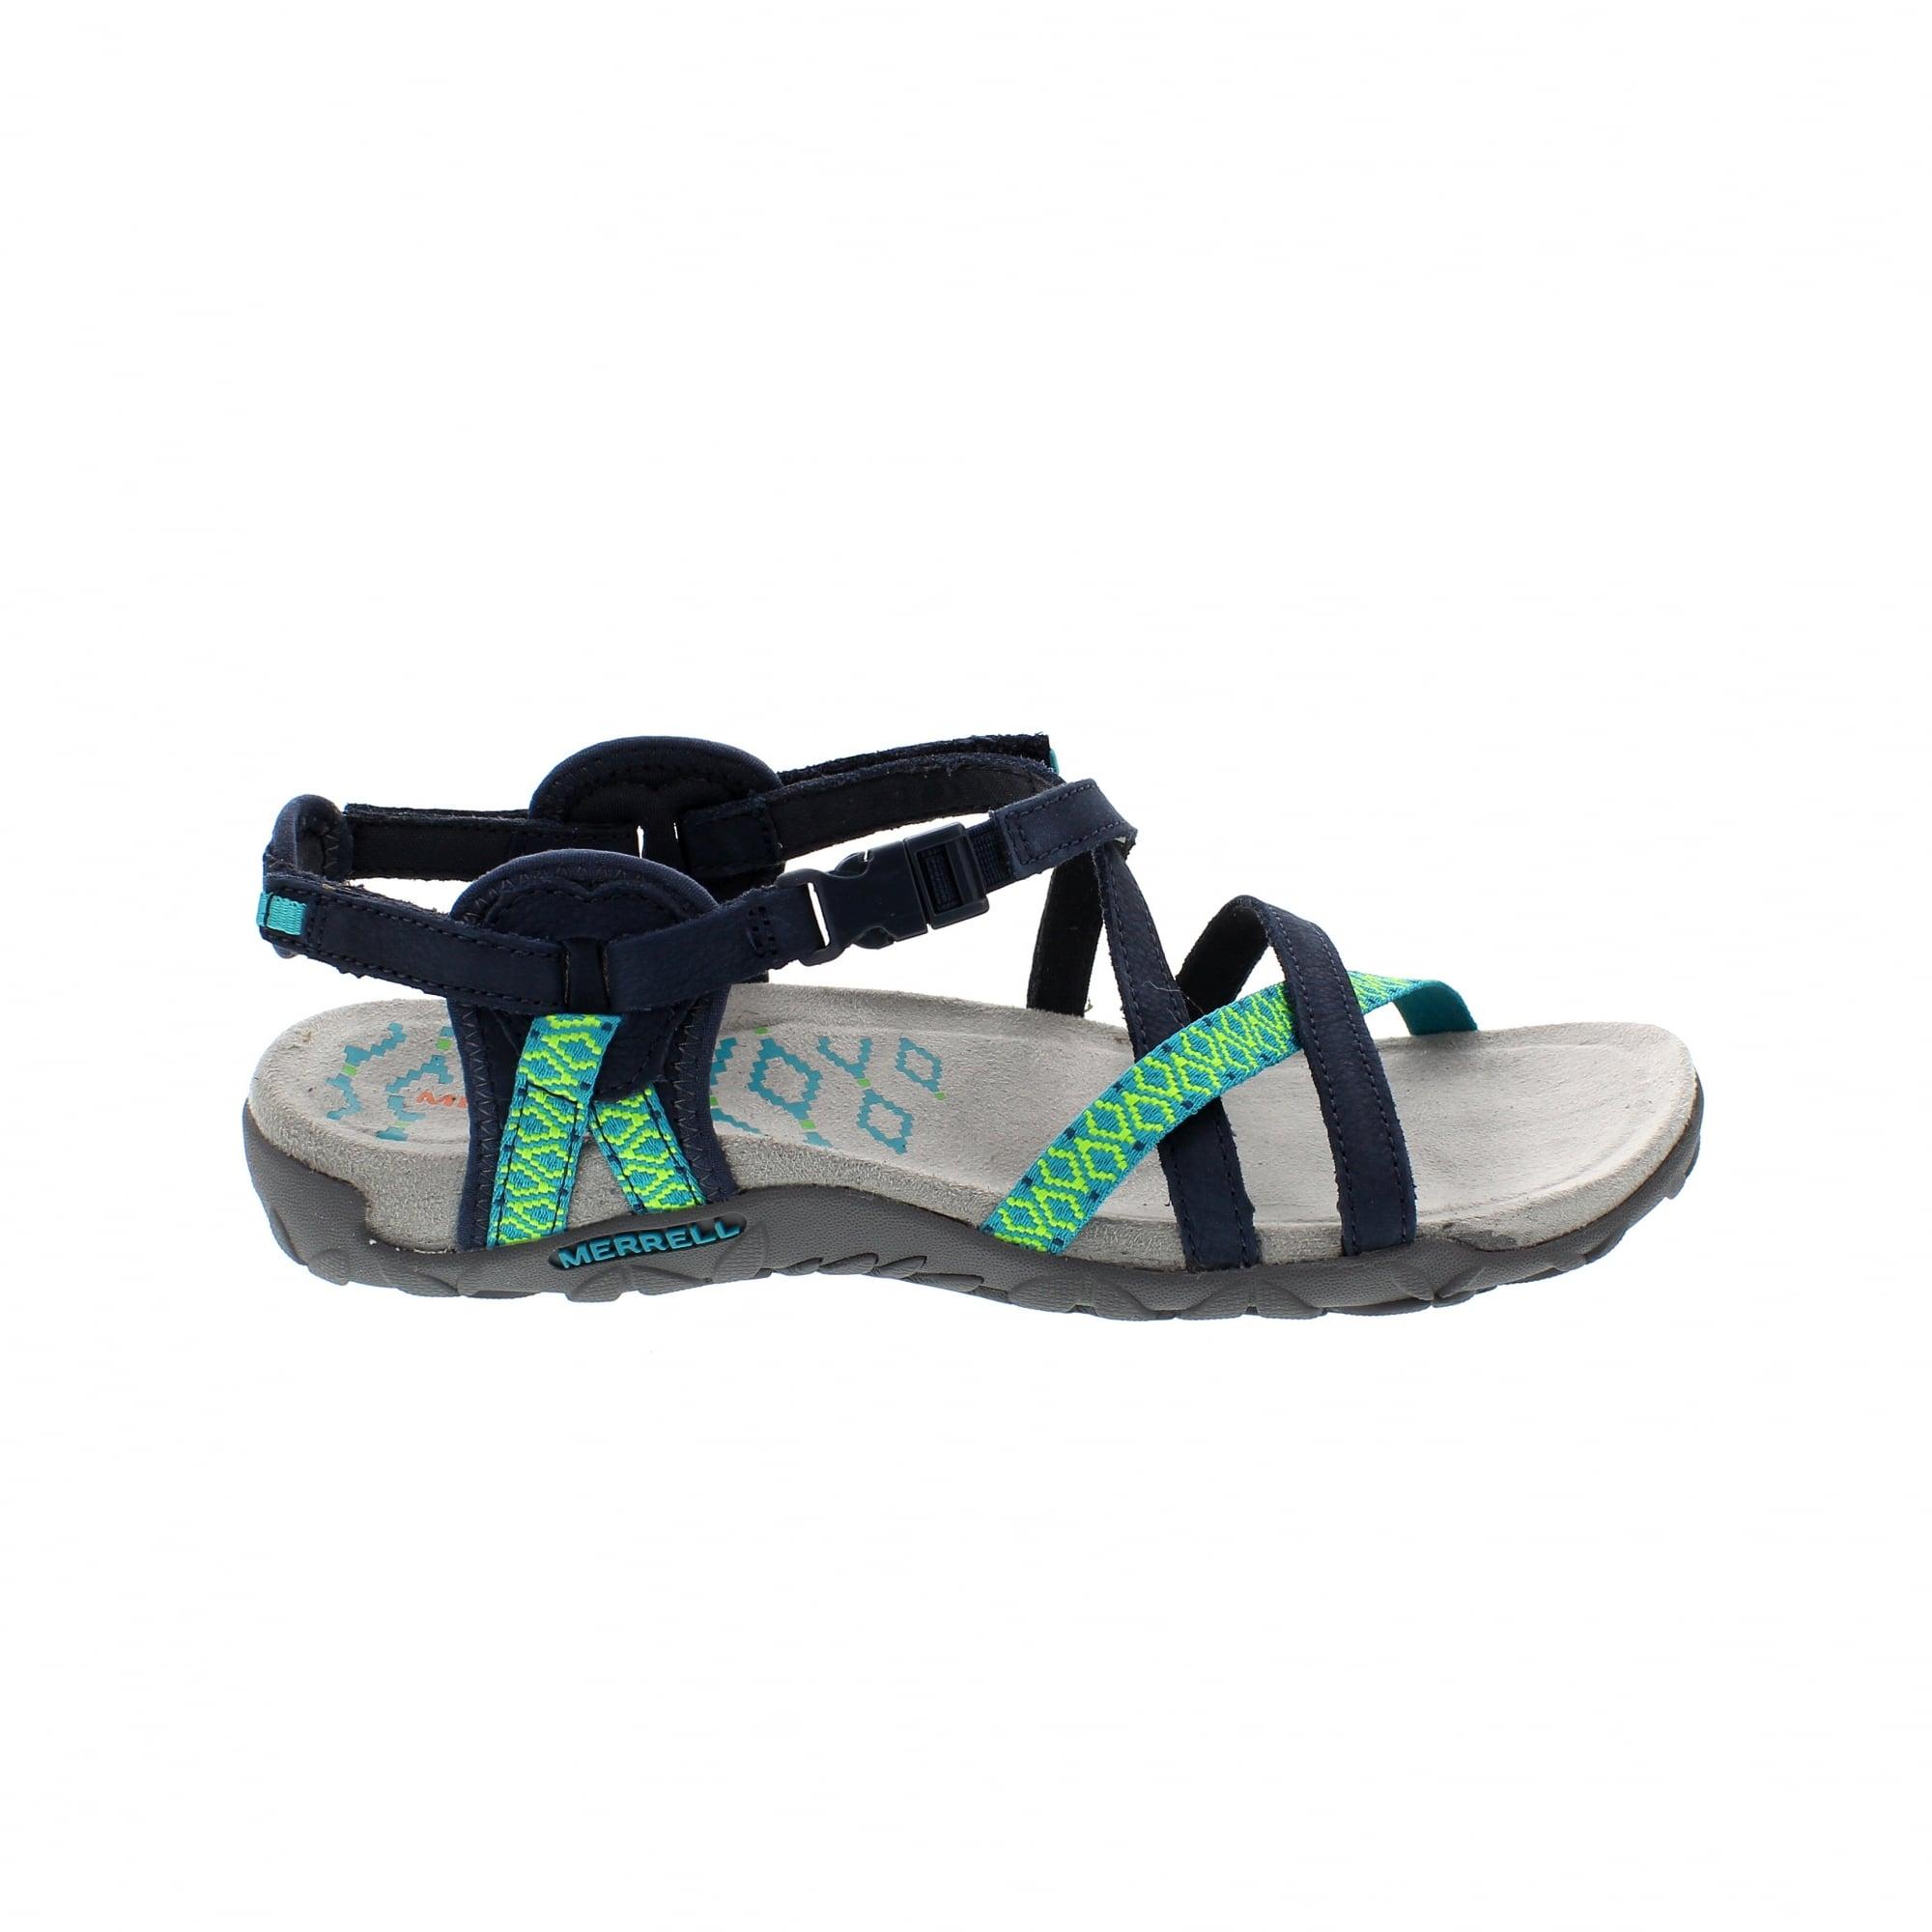 7b6677a1cf71 Merrell Terran Lattice II J56516 Womens Walking Sandals